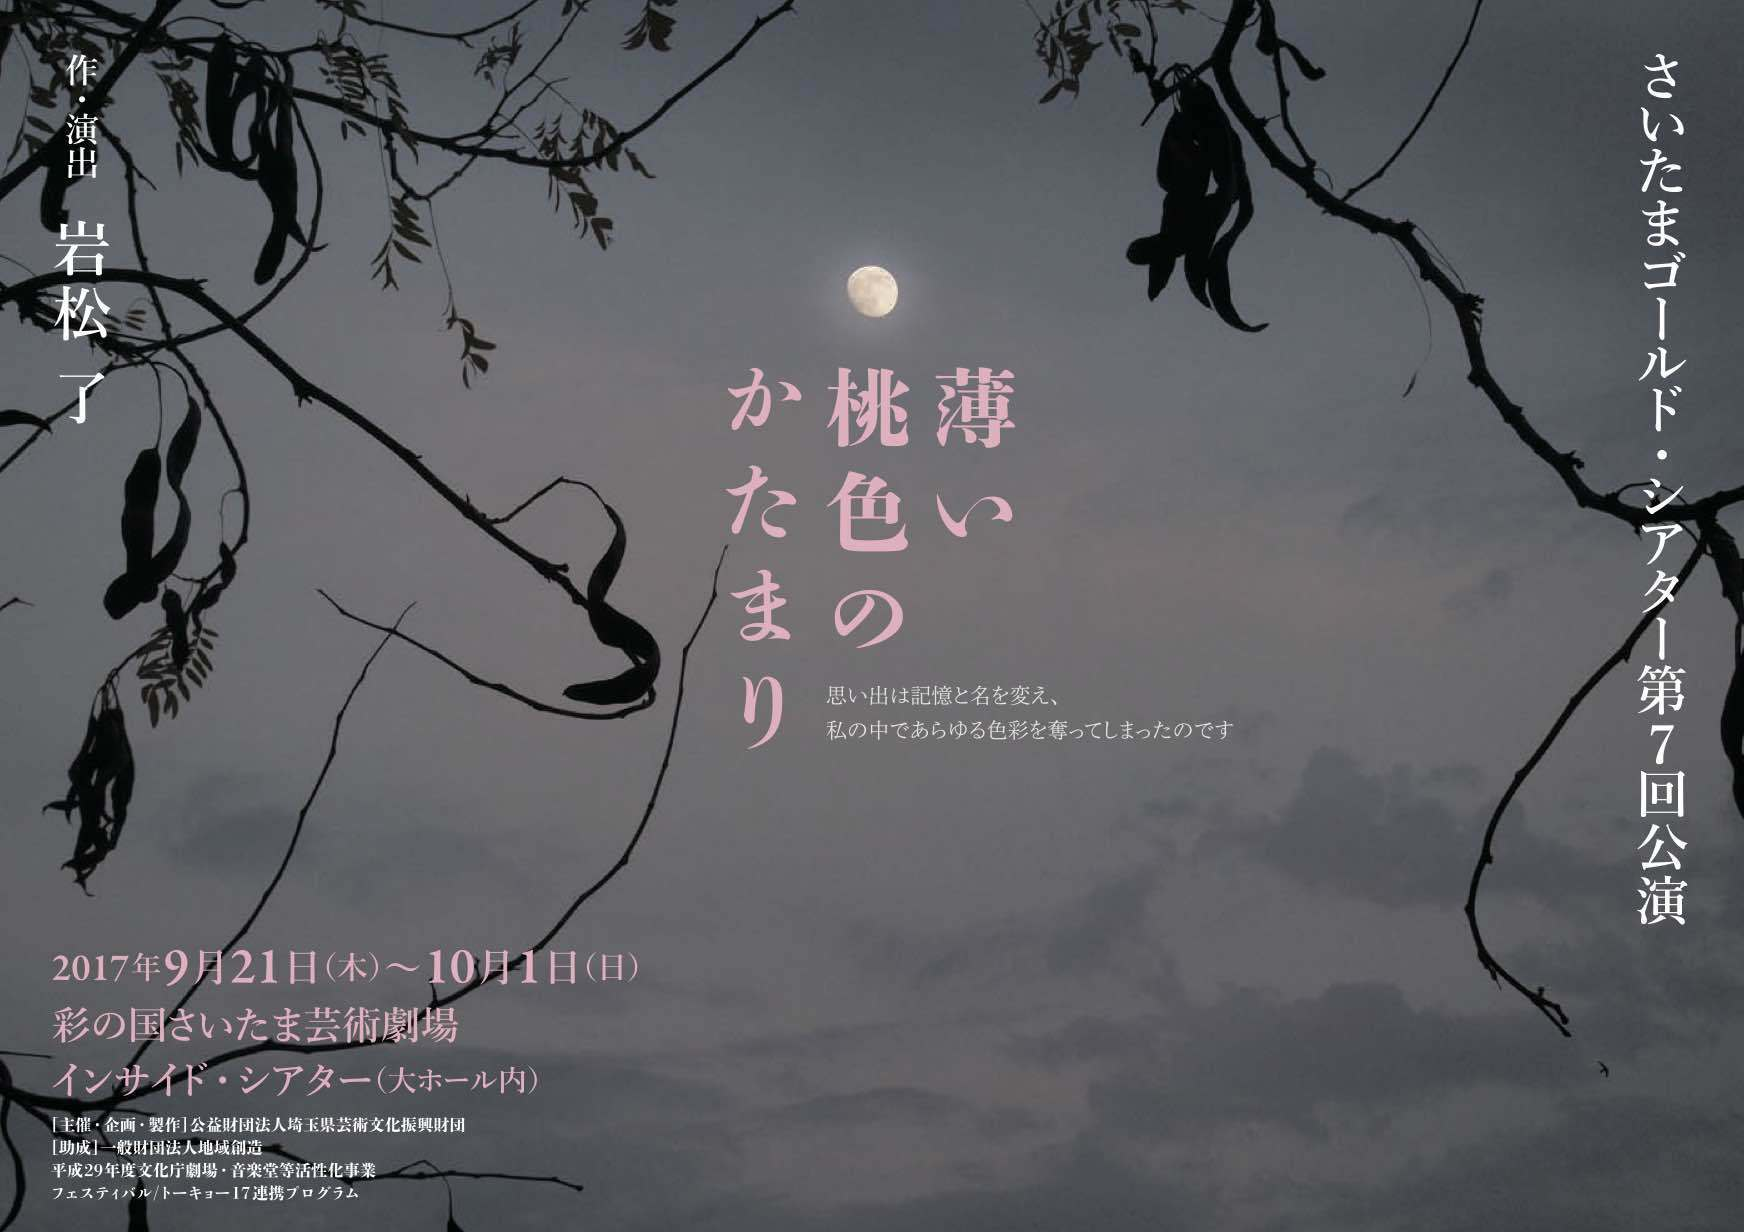 さいたまゴールド・シアター公演『薄い桃色のかたまり』(岩松了作・演出)のチラシ